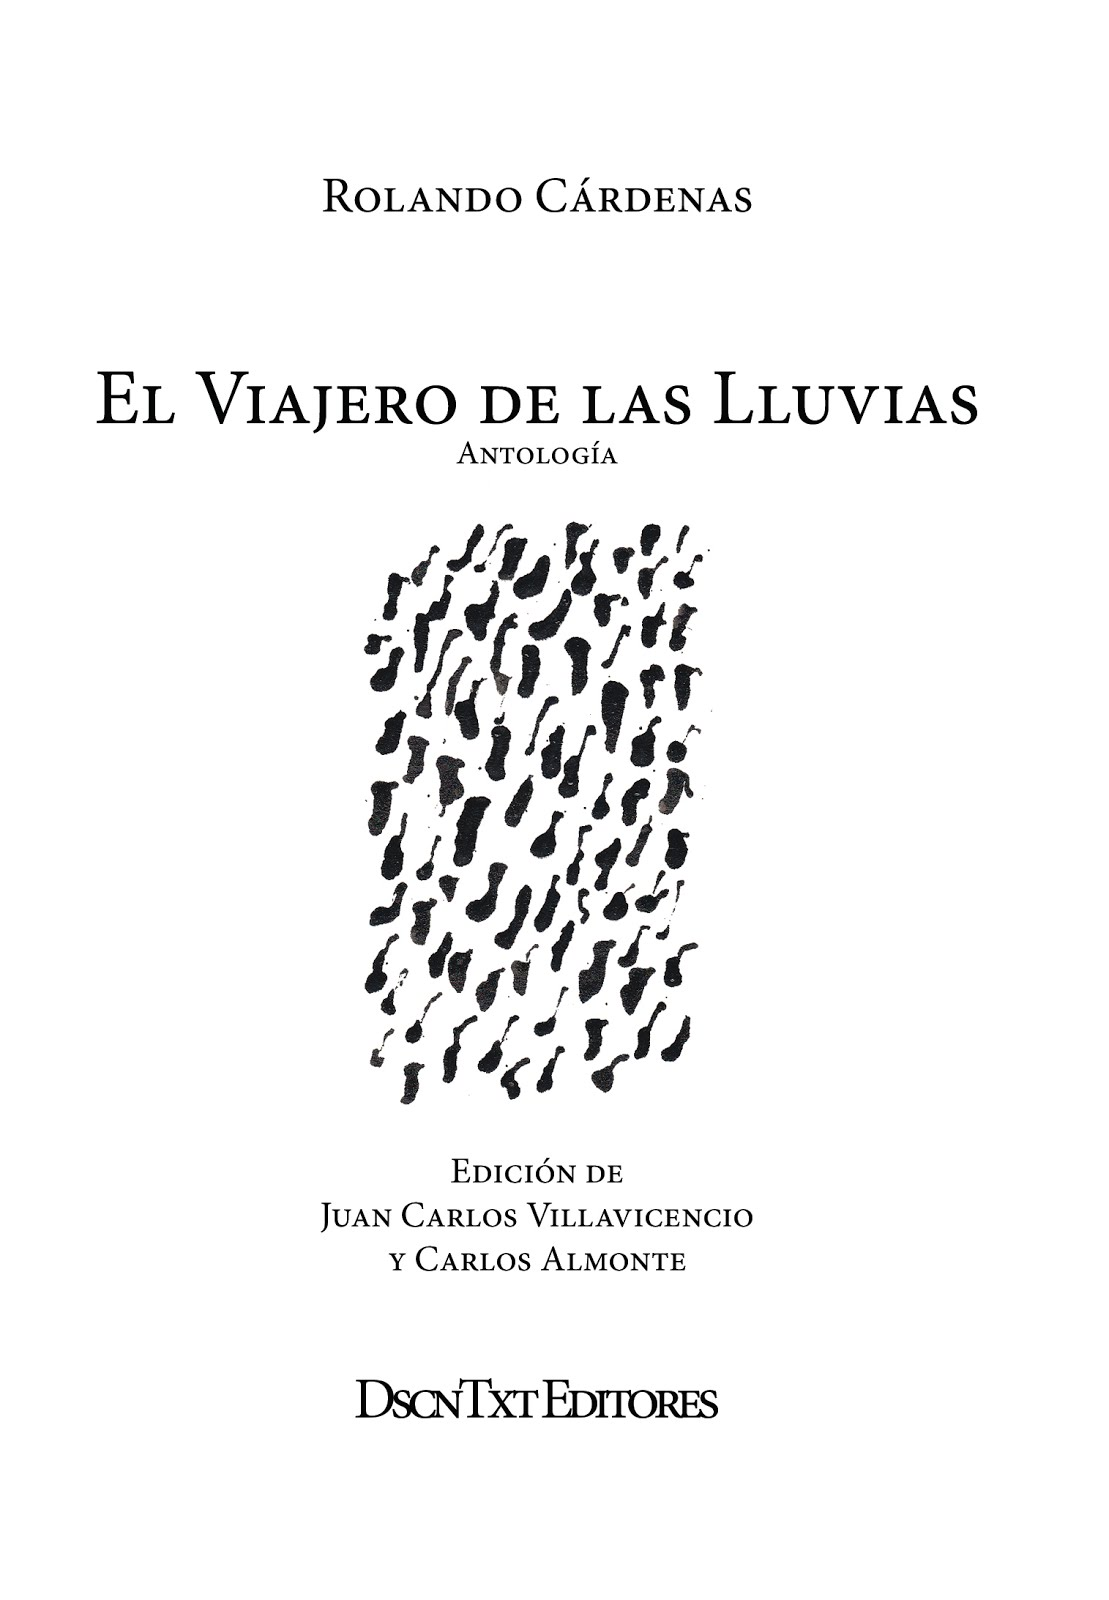 El viajero de las lluvias, de Rolando Cárdenas. Edición de Almonte y Villavicencio